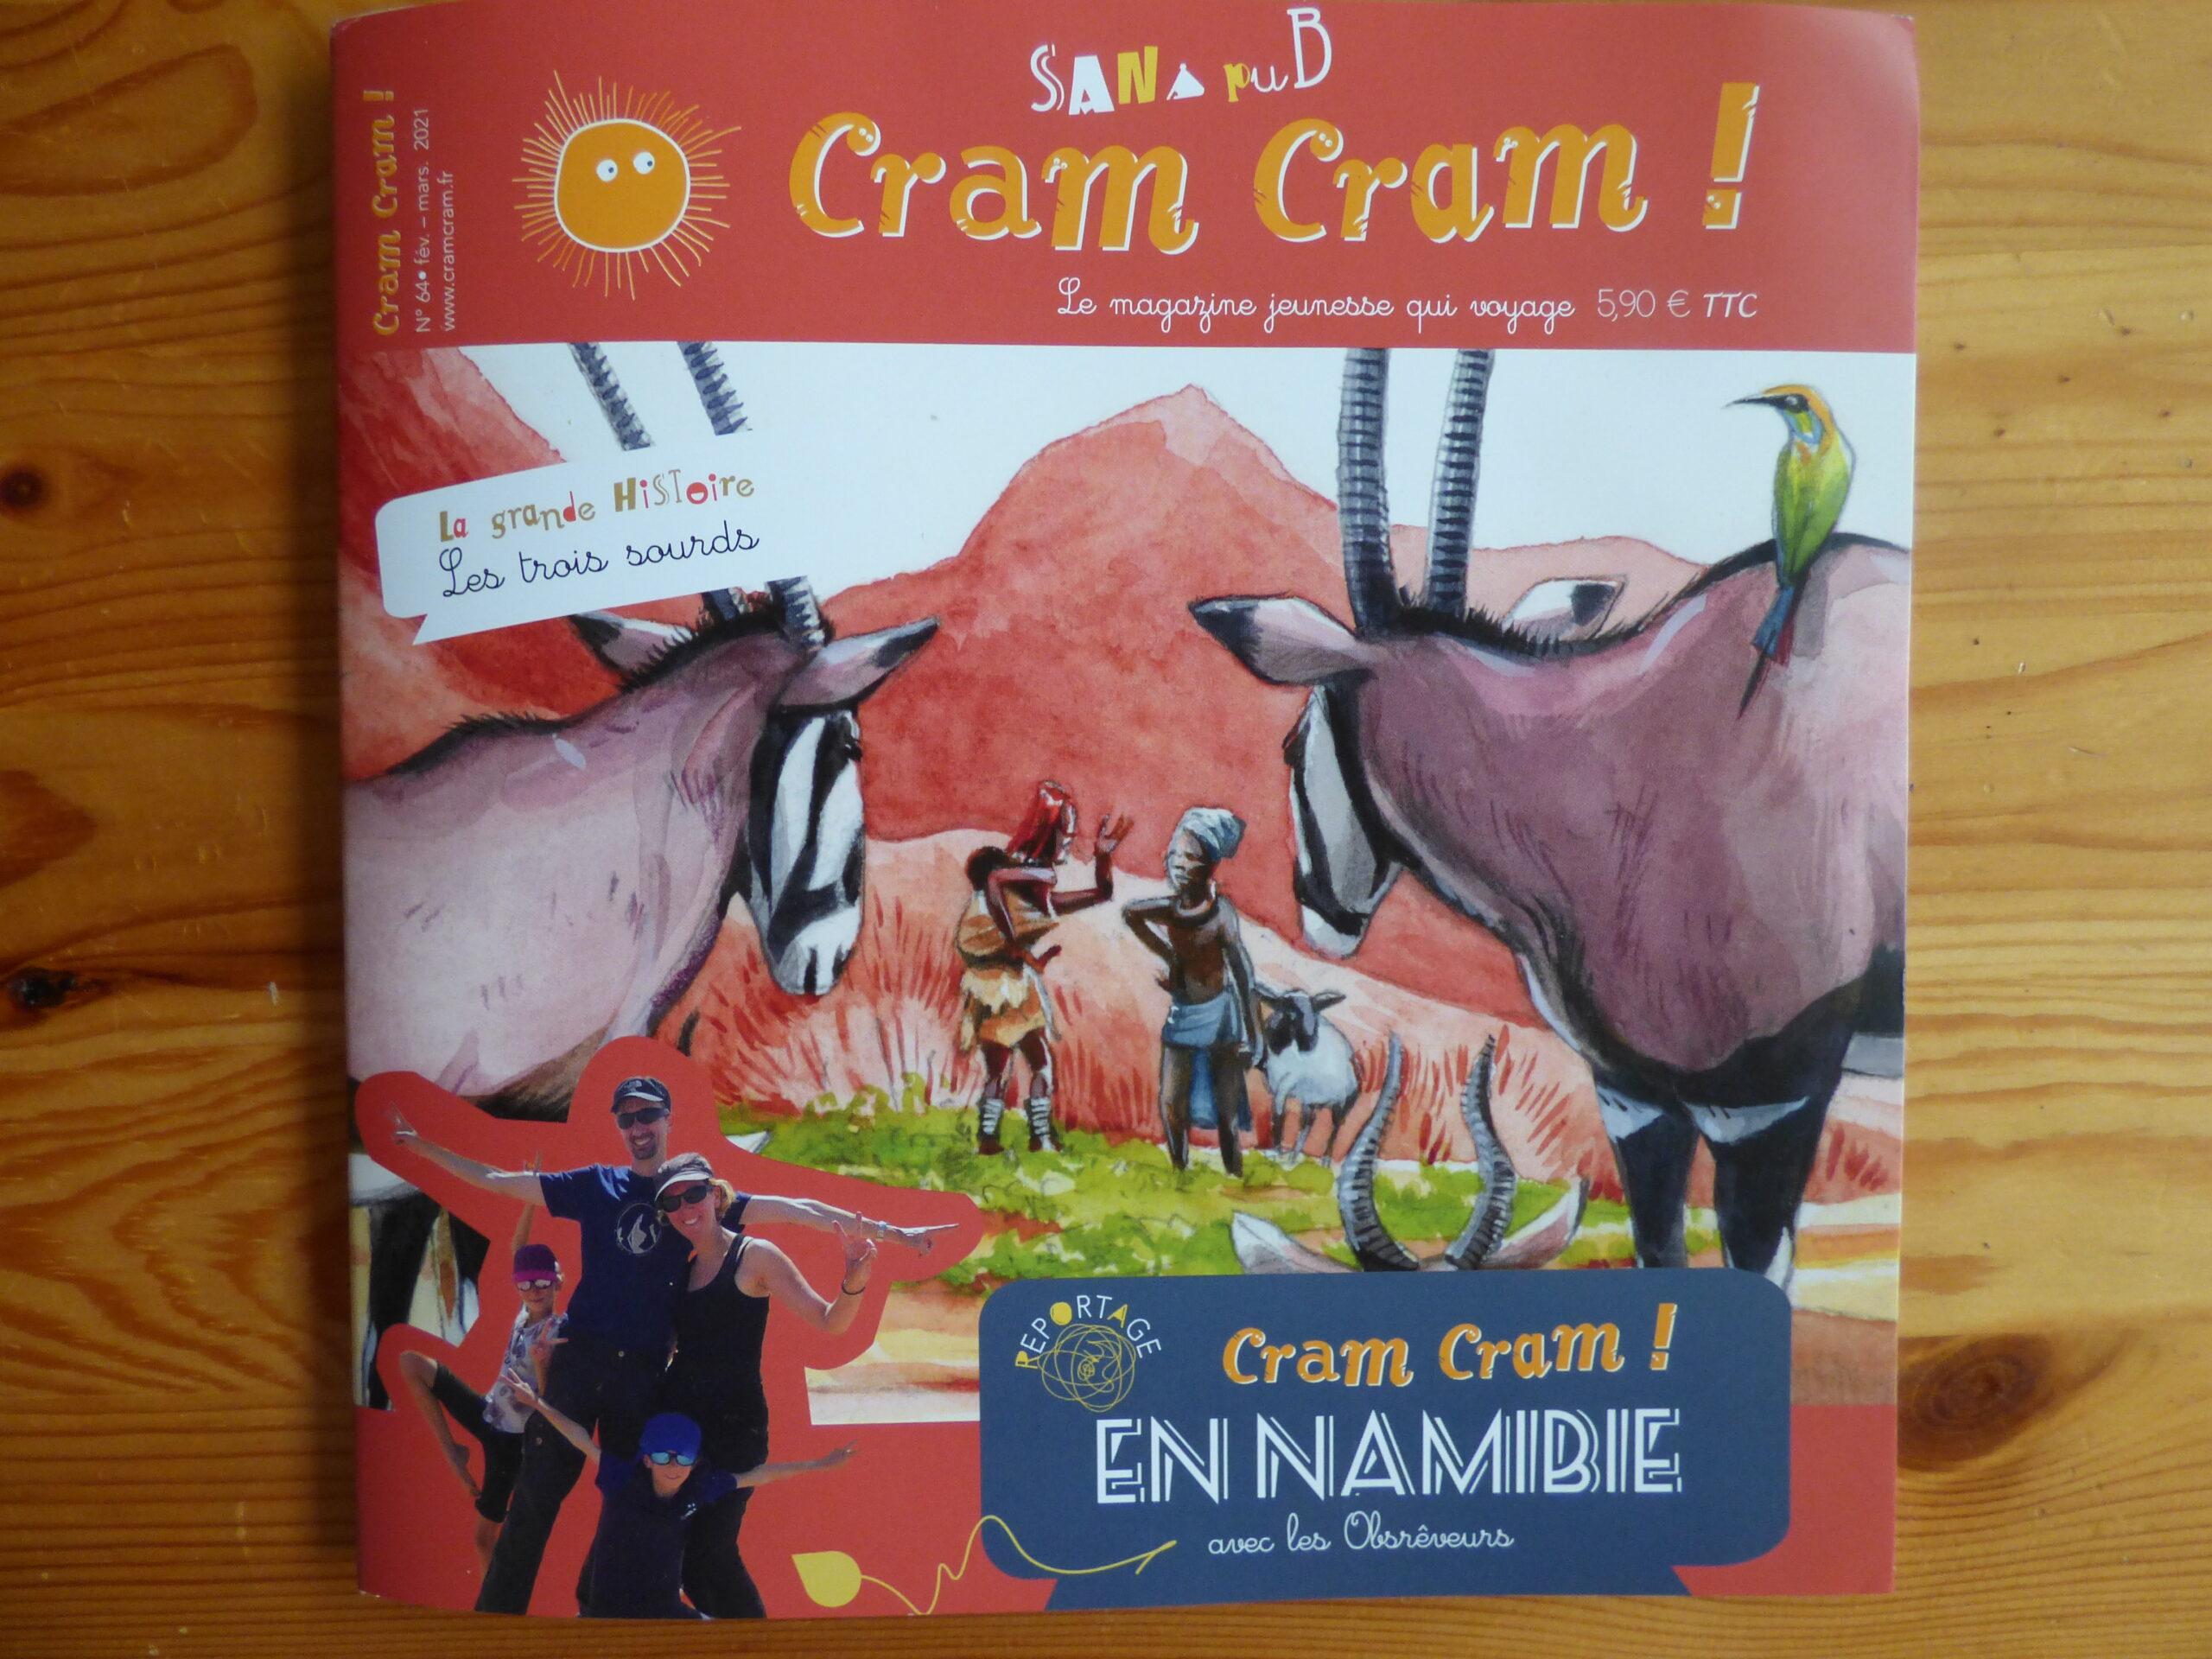 Cram Cram en Namibie